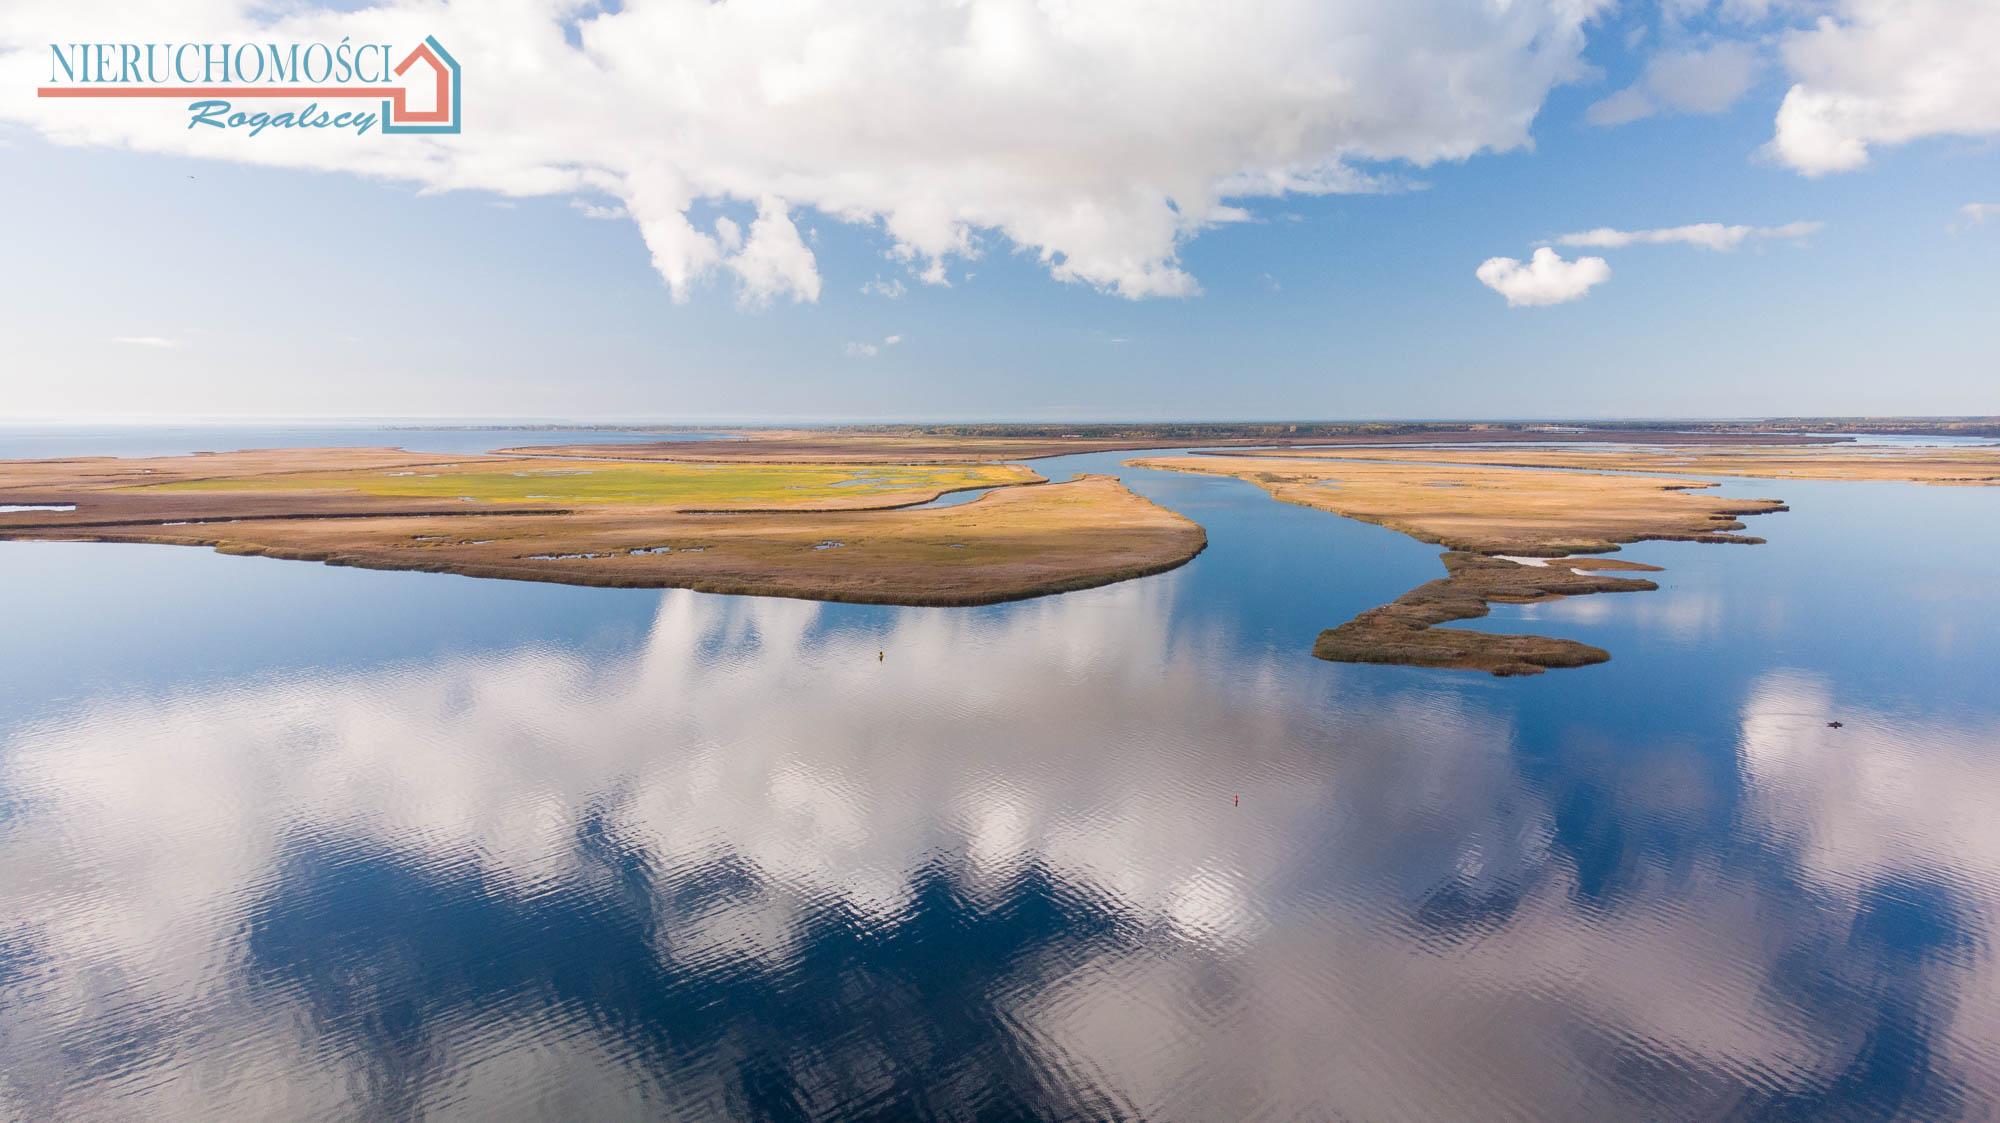 Działka z widokiem na jezioro Wicko Wielkie